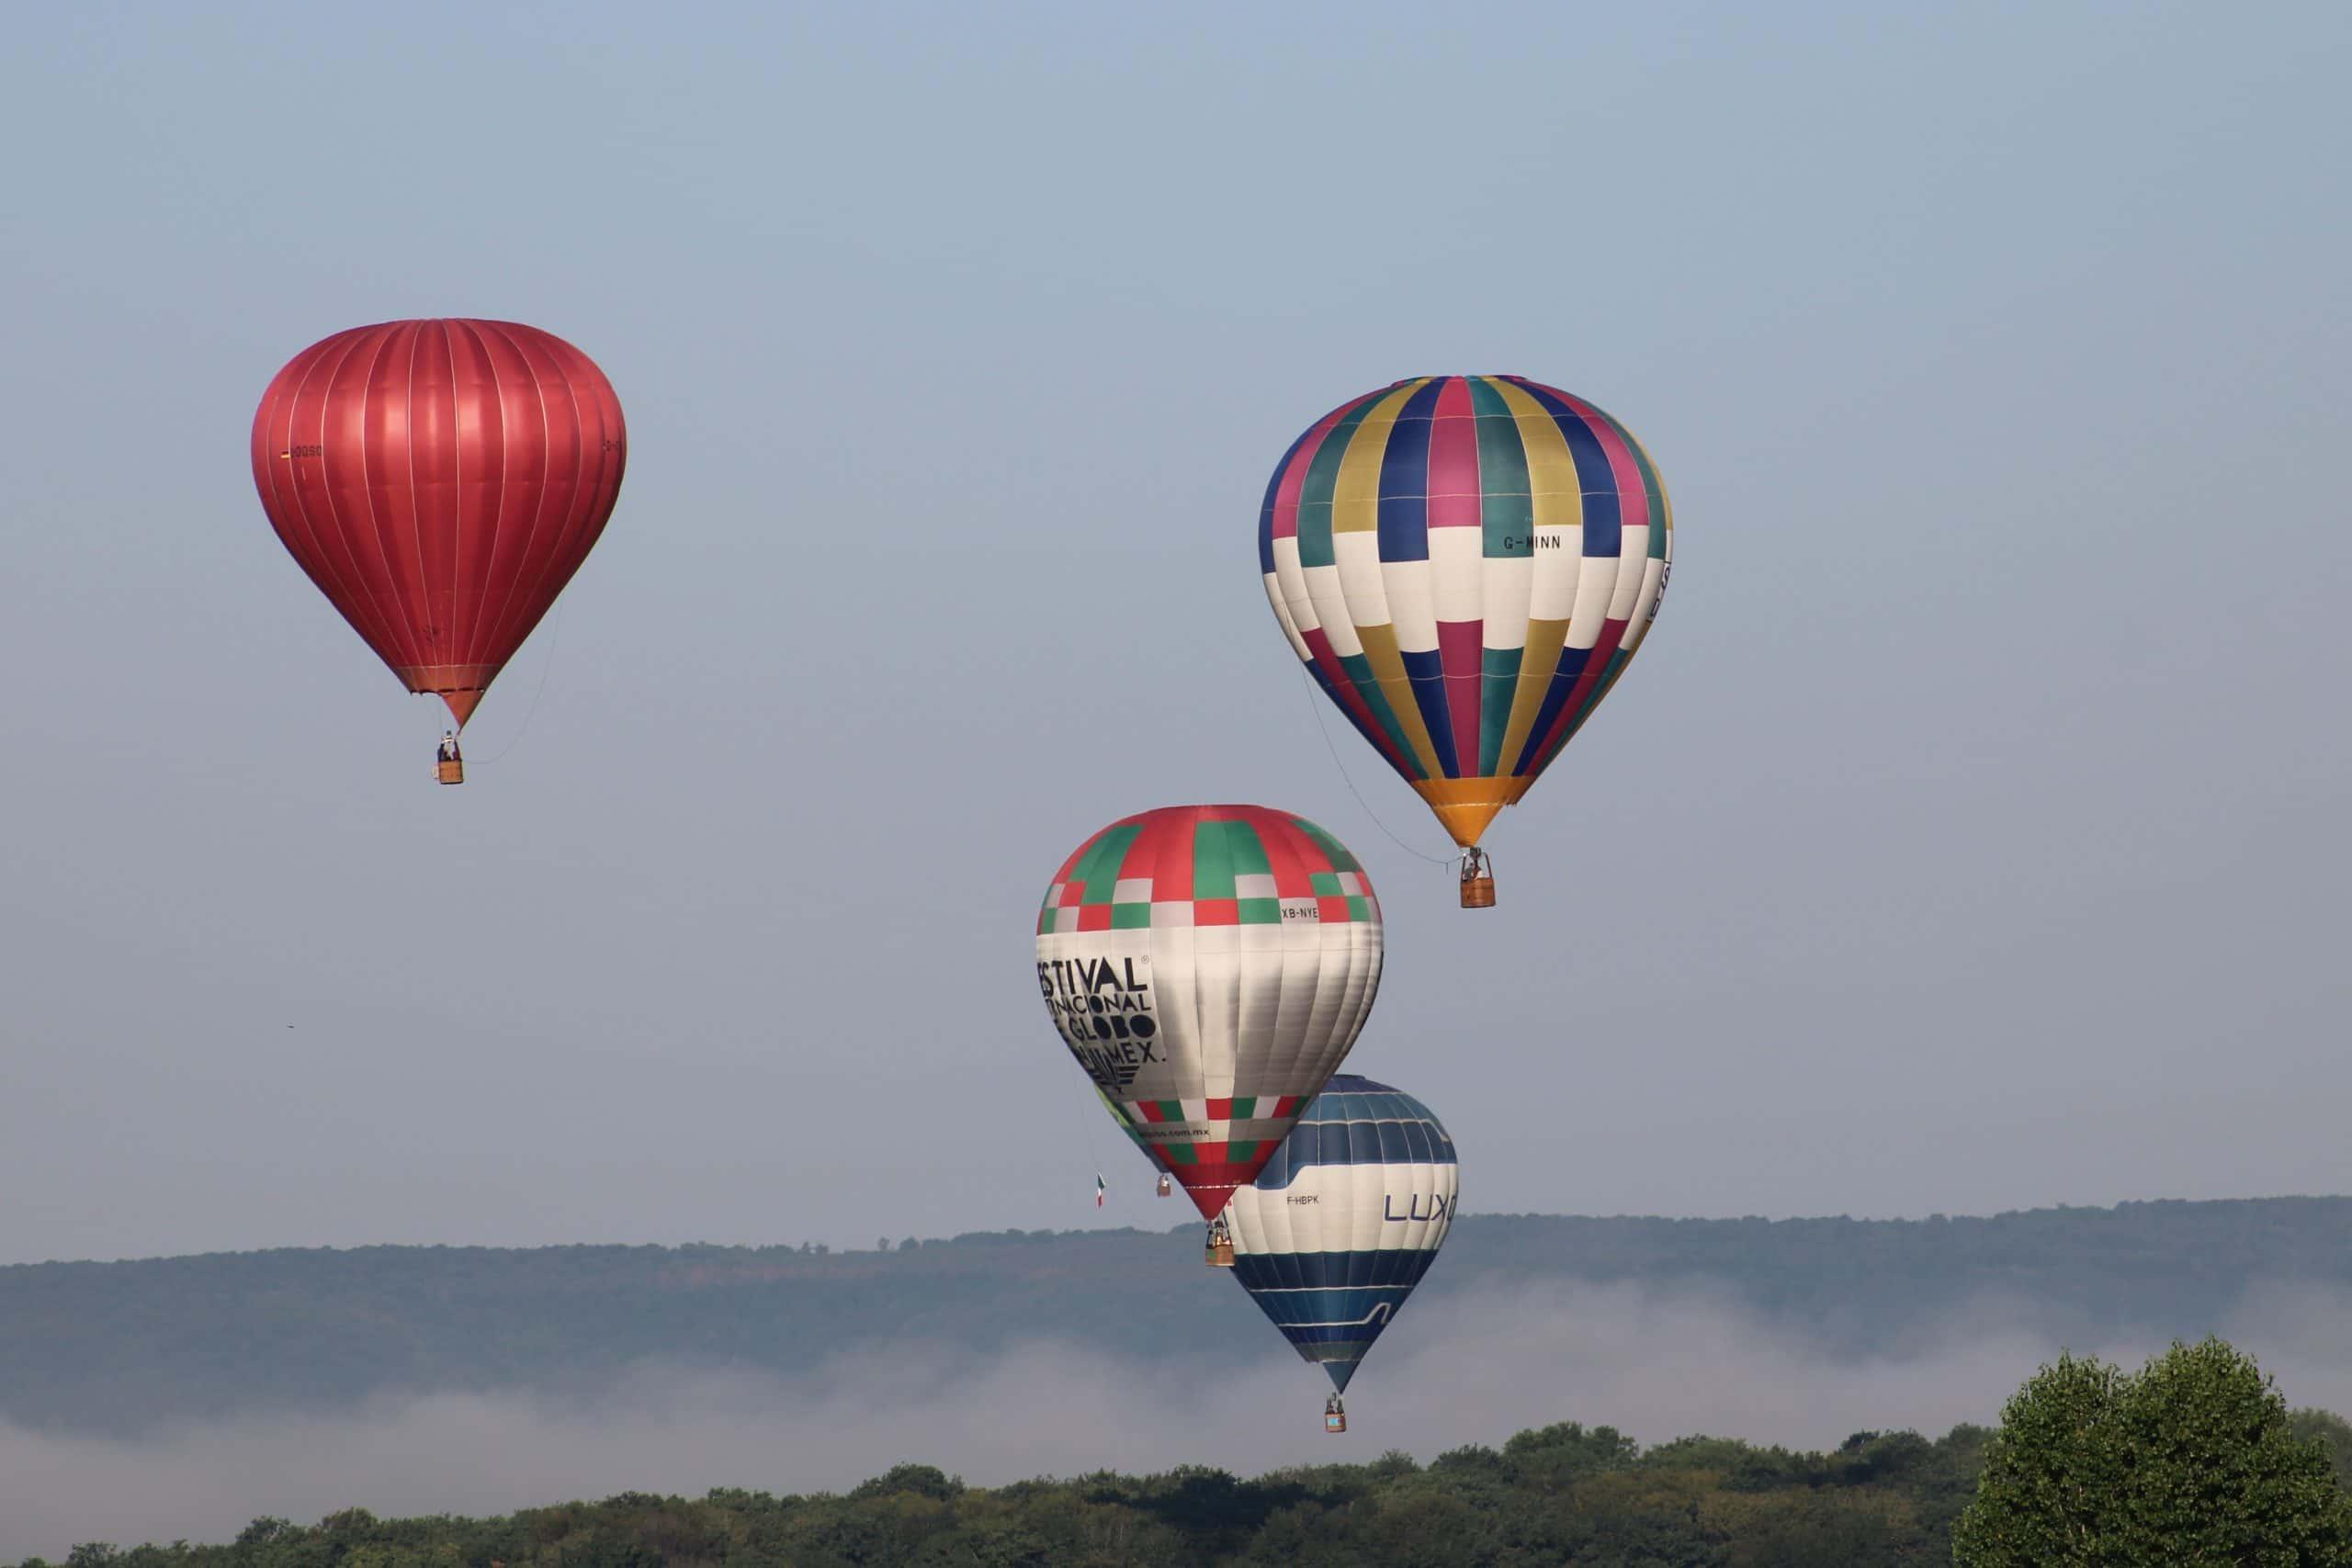 les montgolfières poursuivent leur route dans le ciel encore brumeux. Chambley 2019